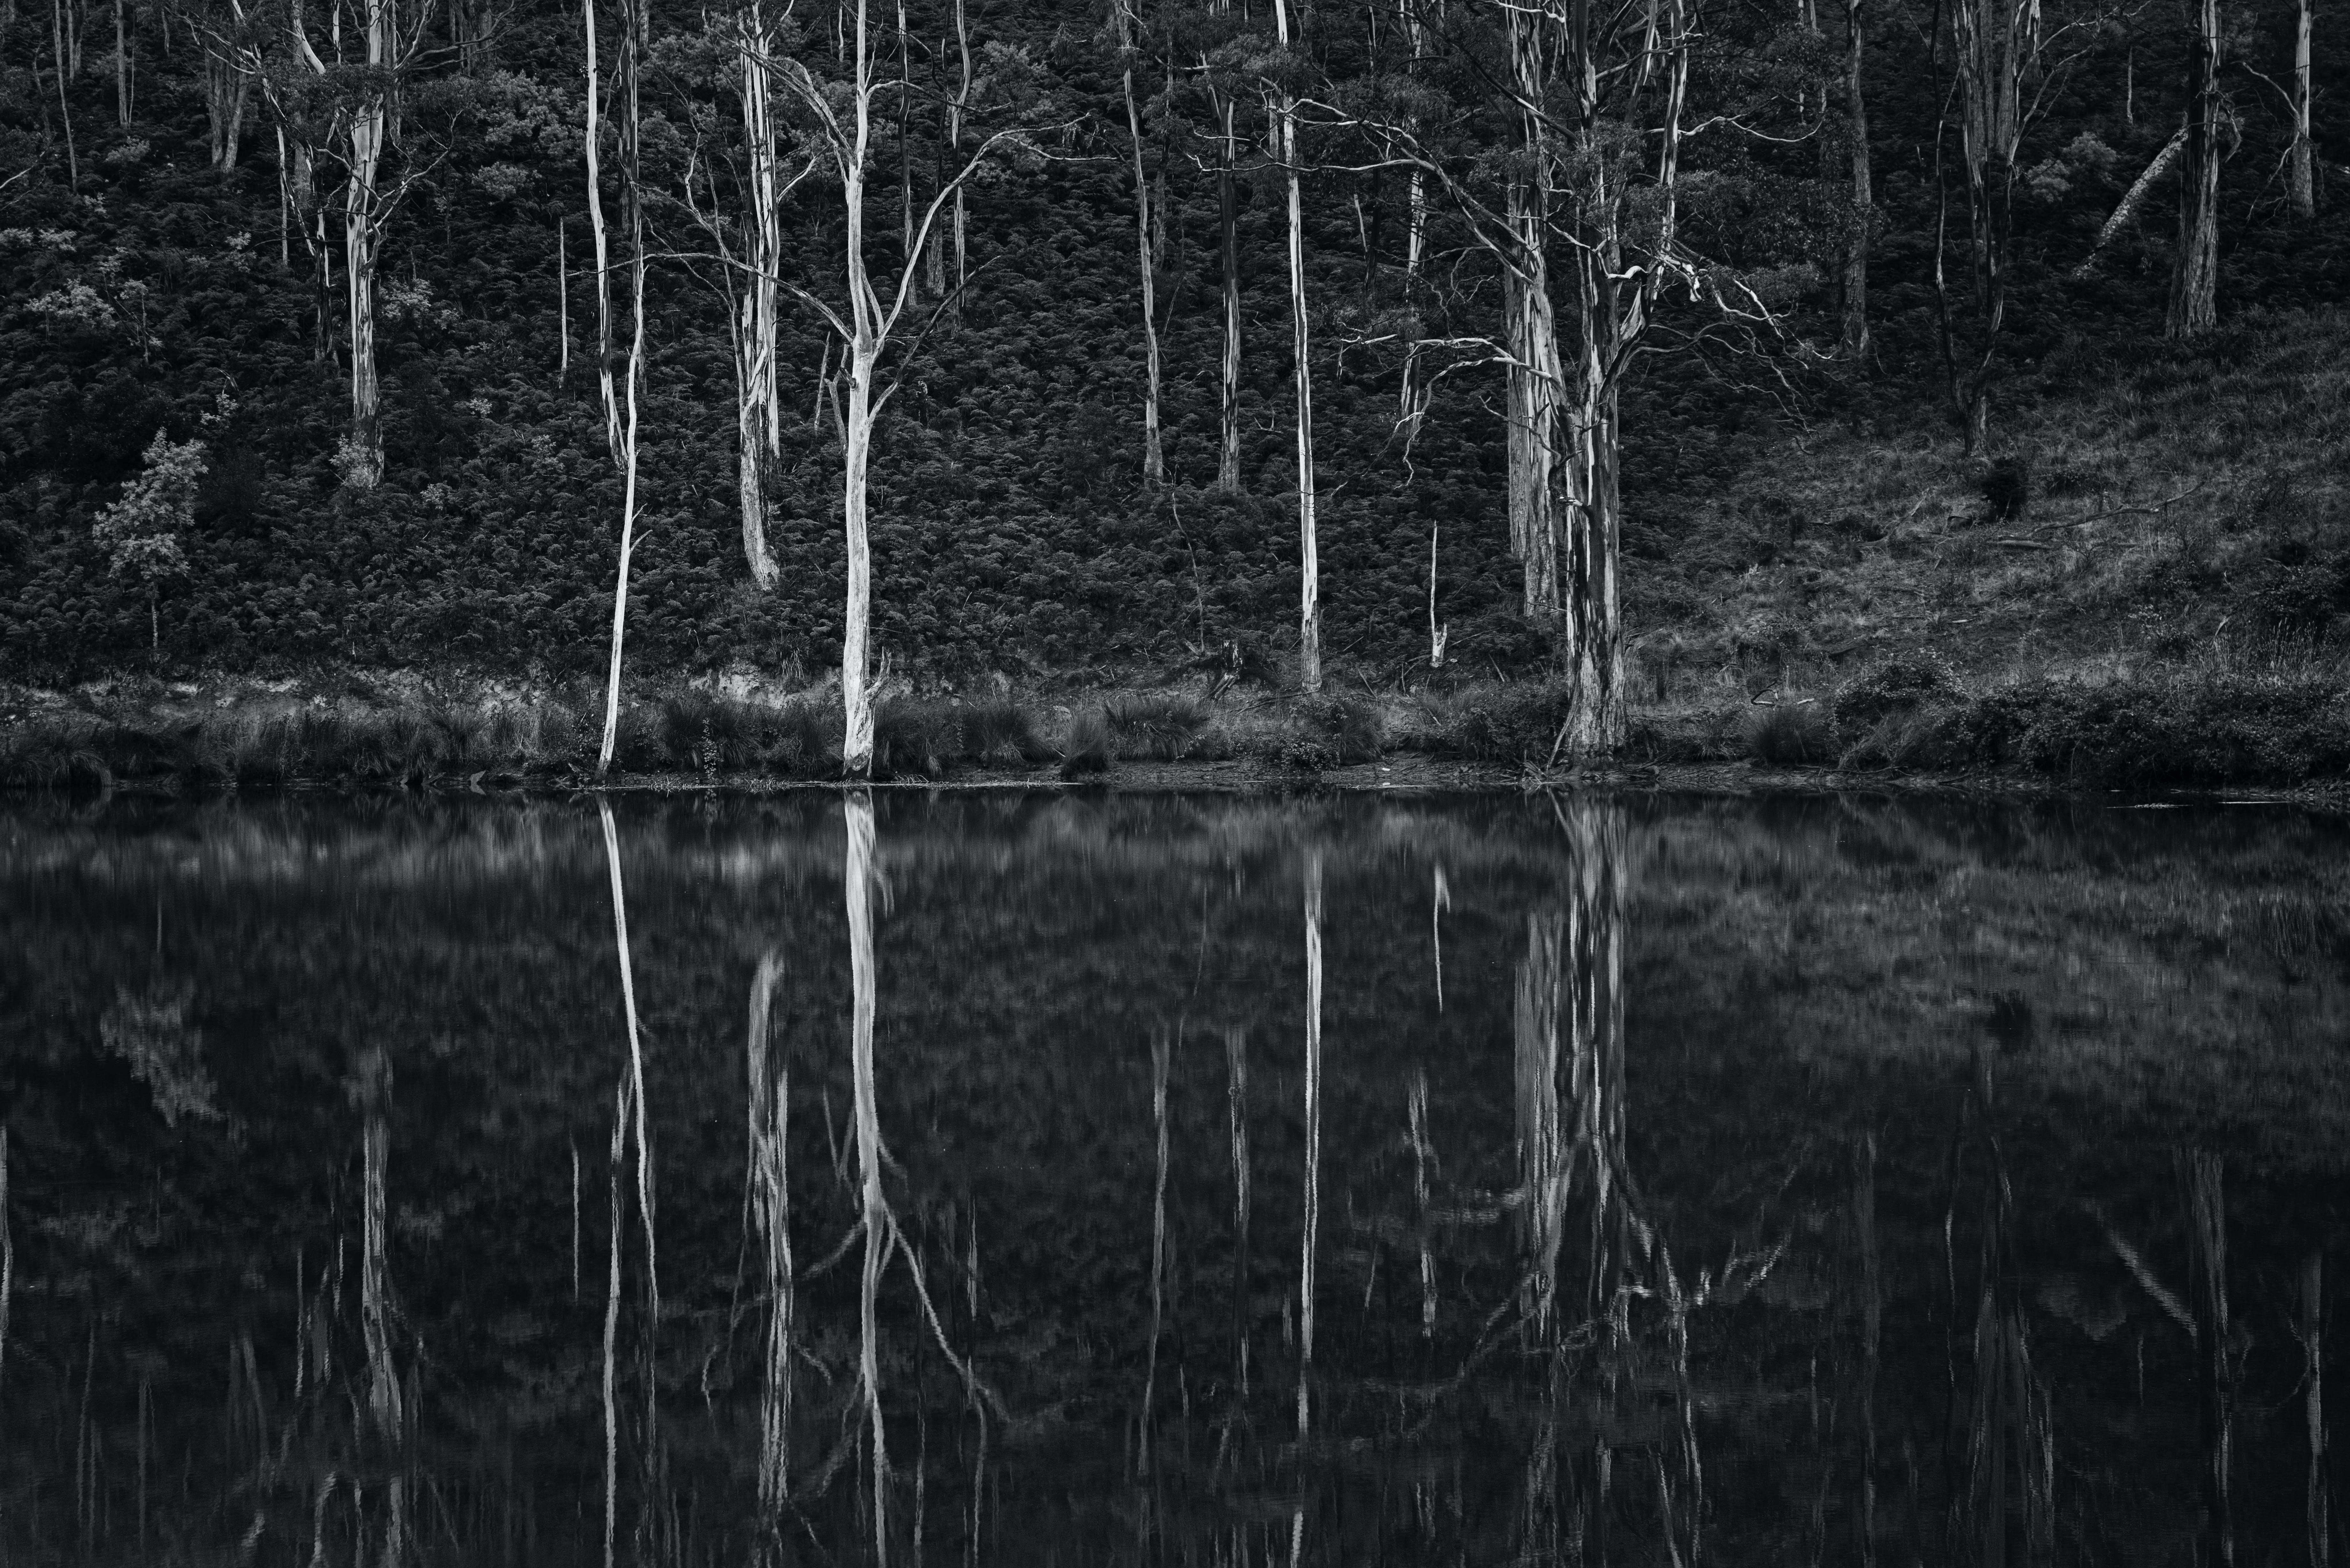 冷, 反射, 單色, 天性 的 免费素材照片